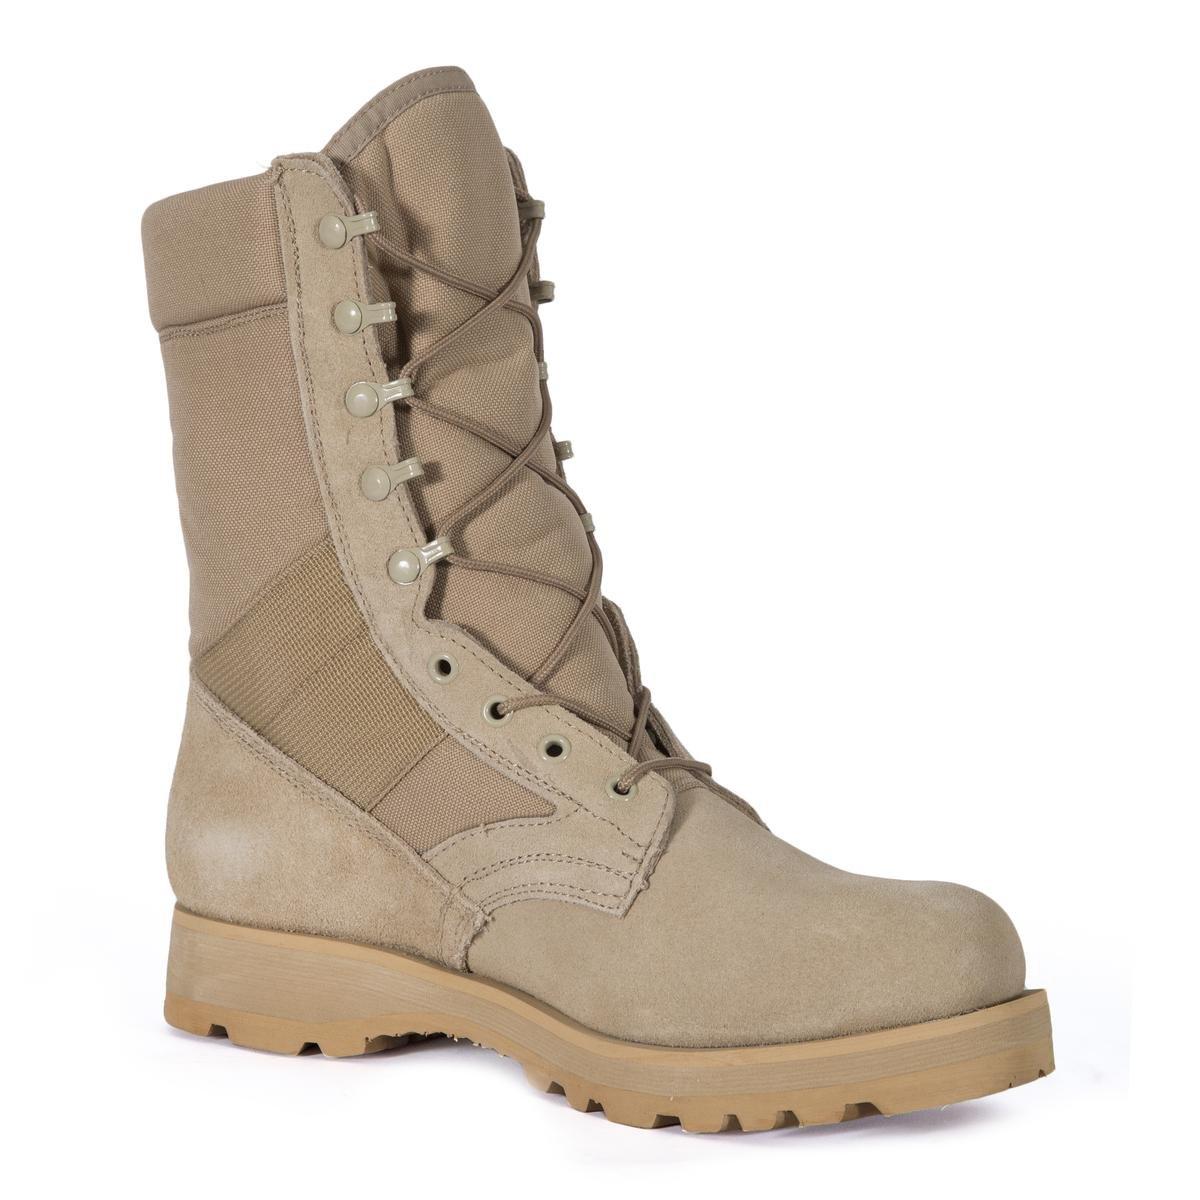 Rothco 8'' Desert Tan Sierra Sole Boot, Regular 9